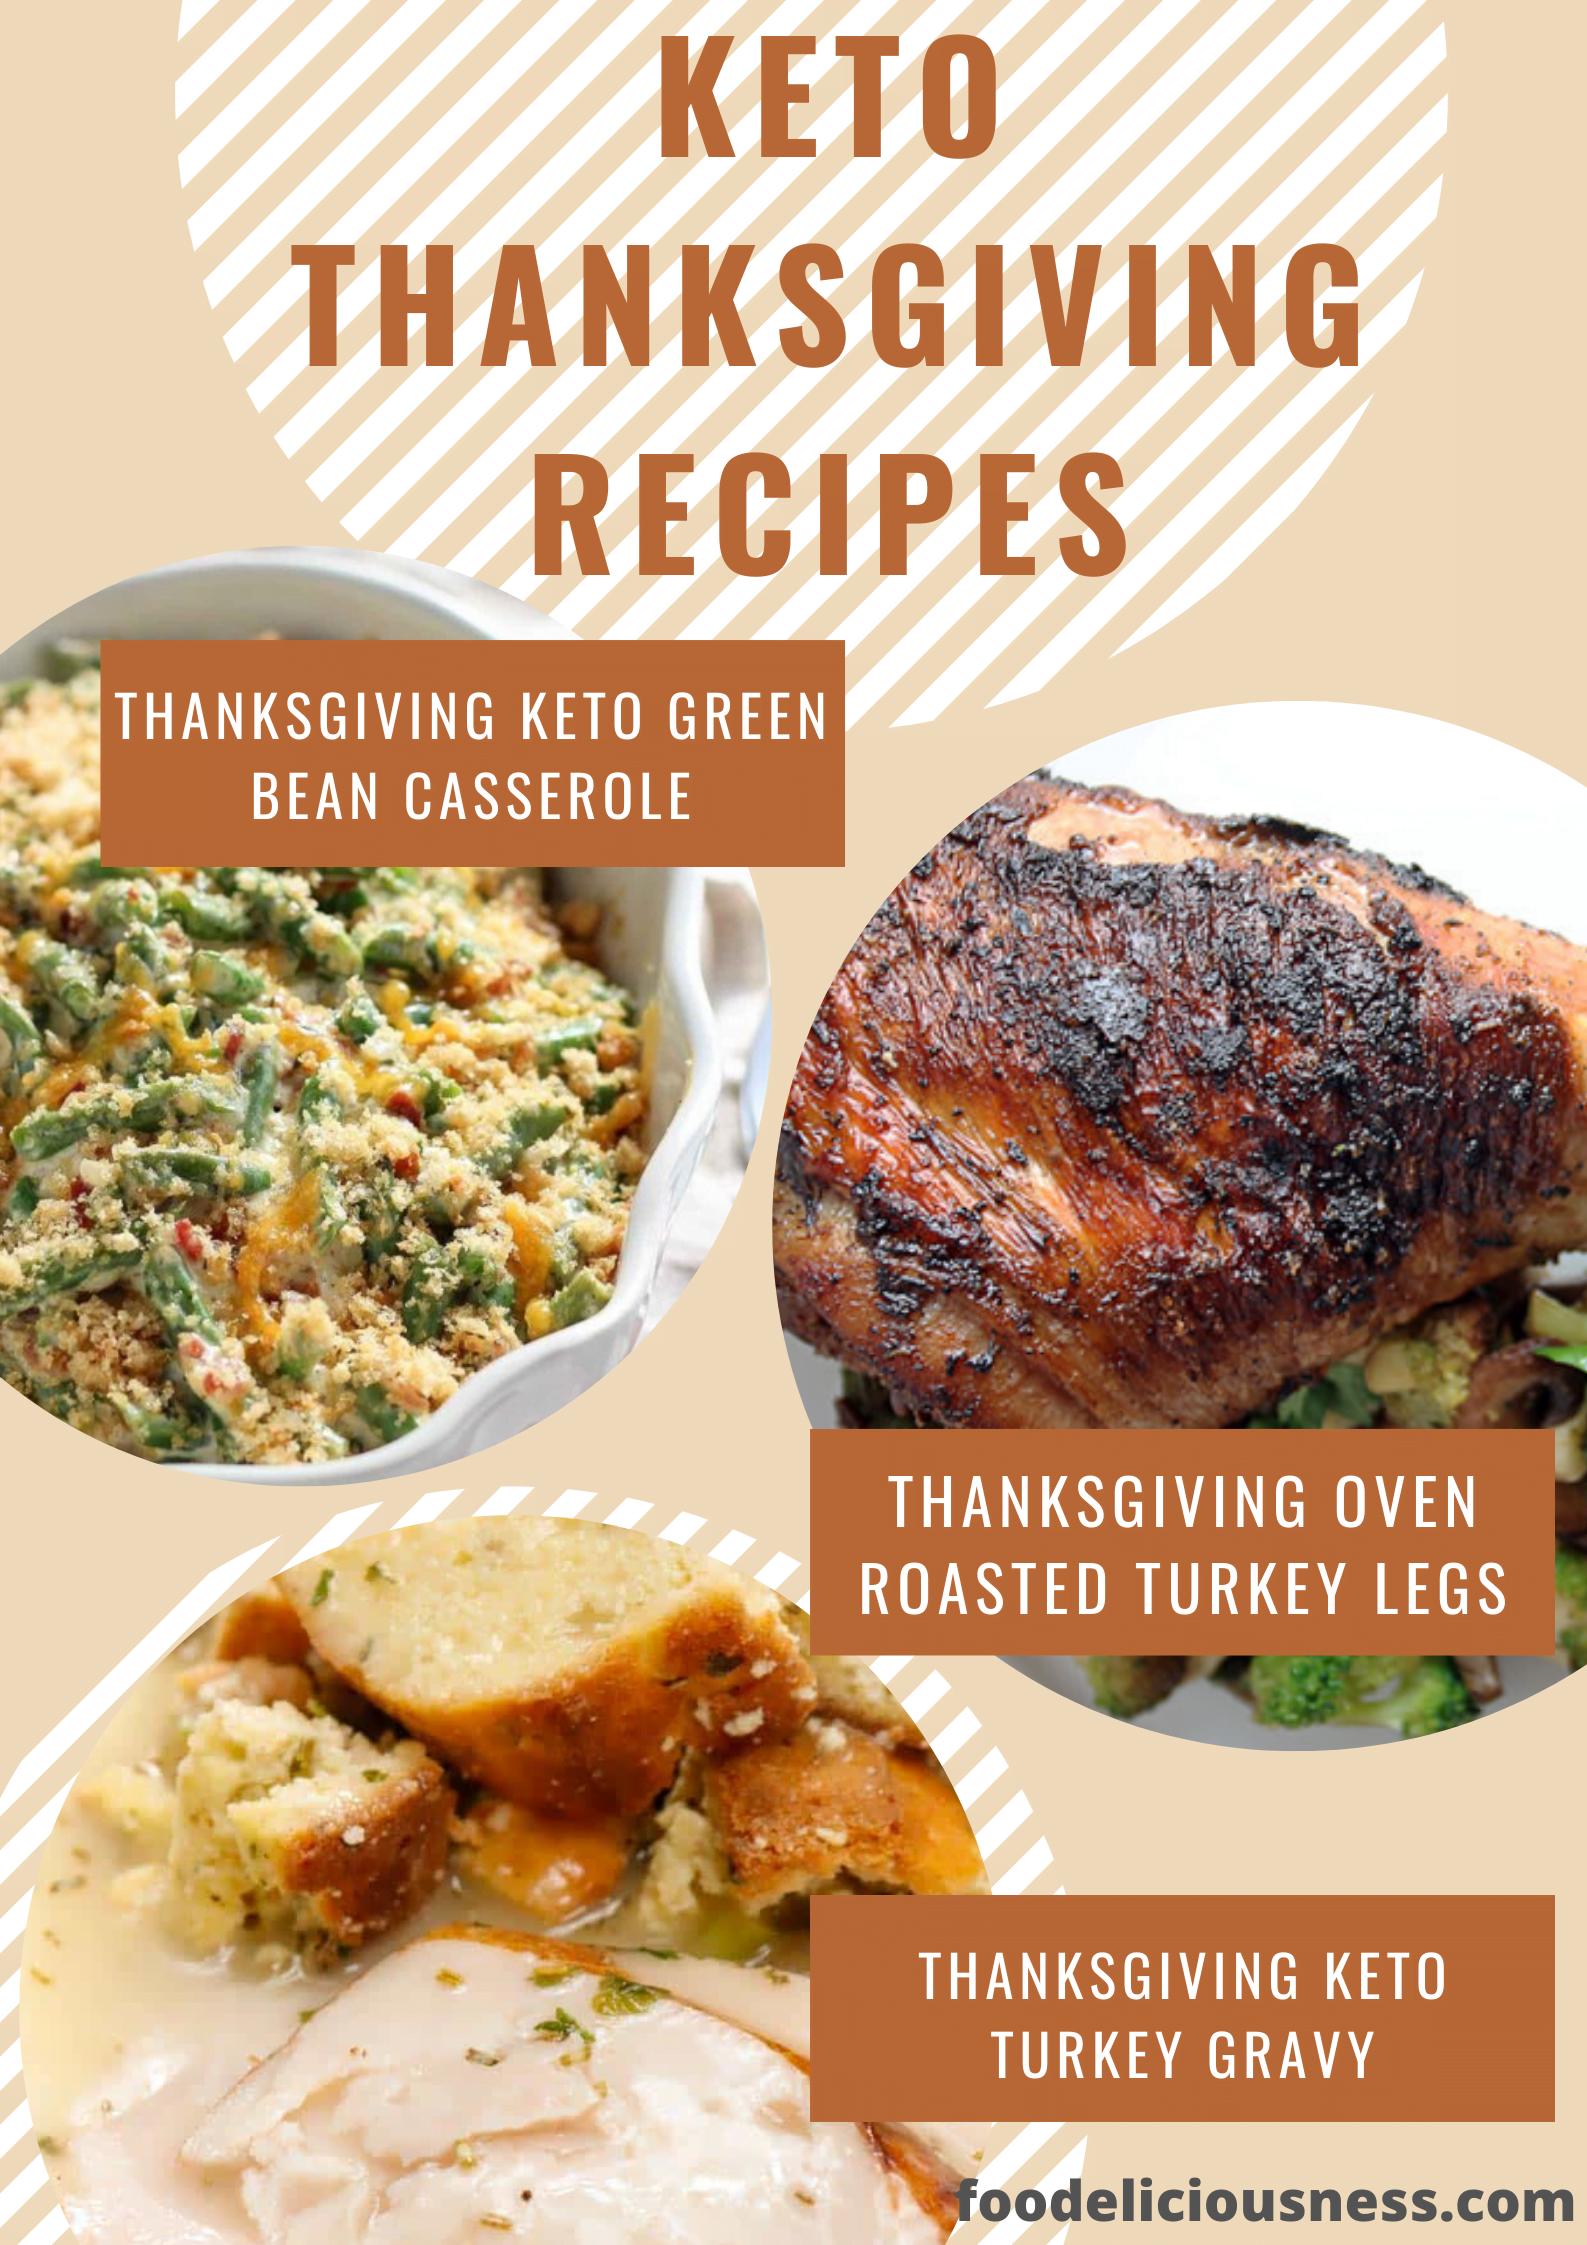 keto thanksgiving recipes 3